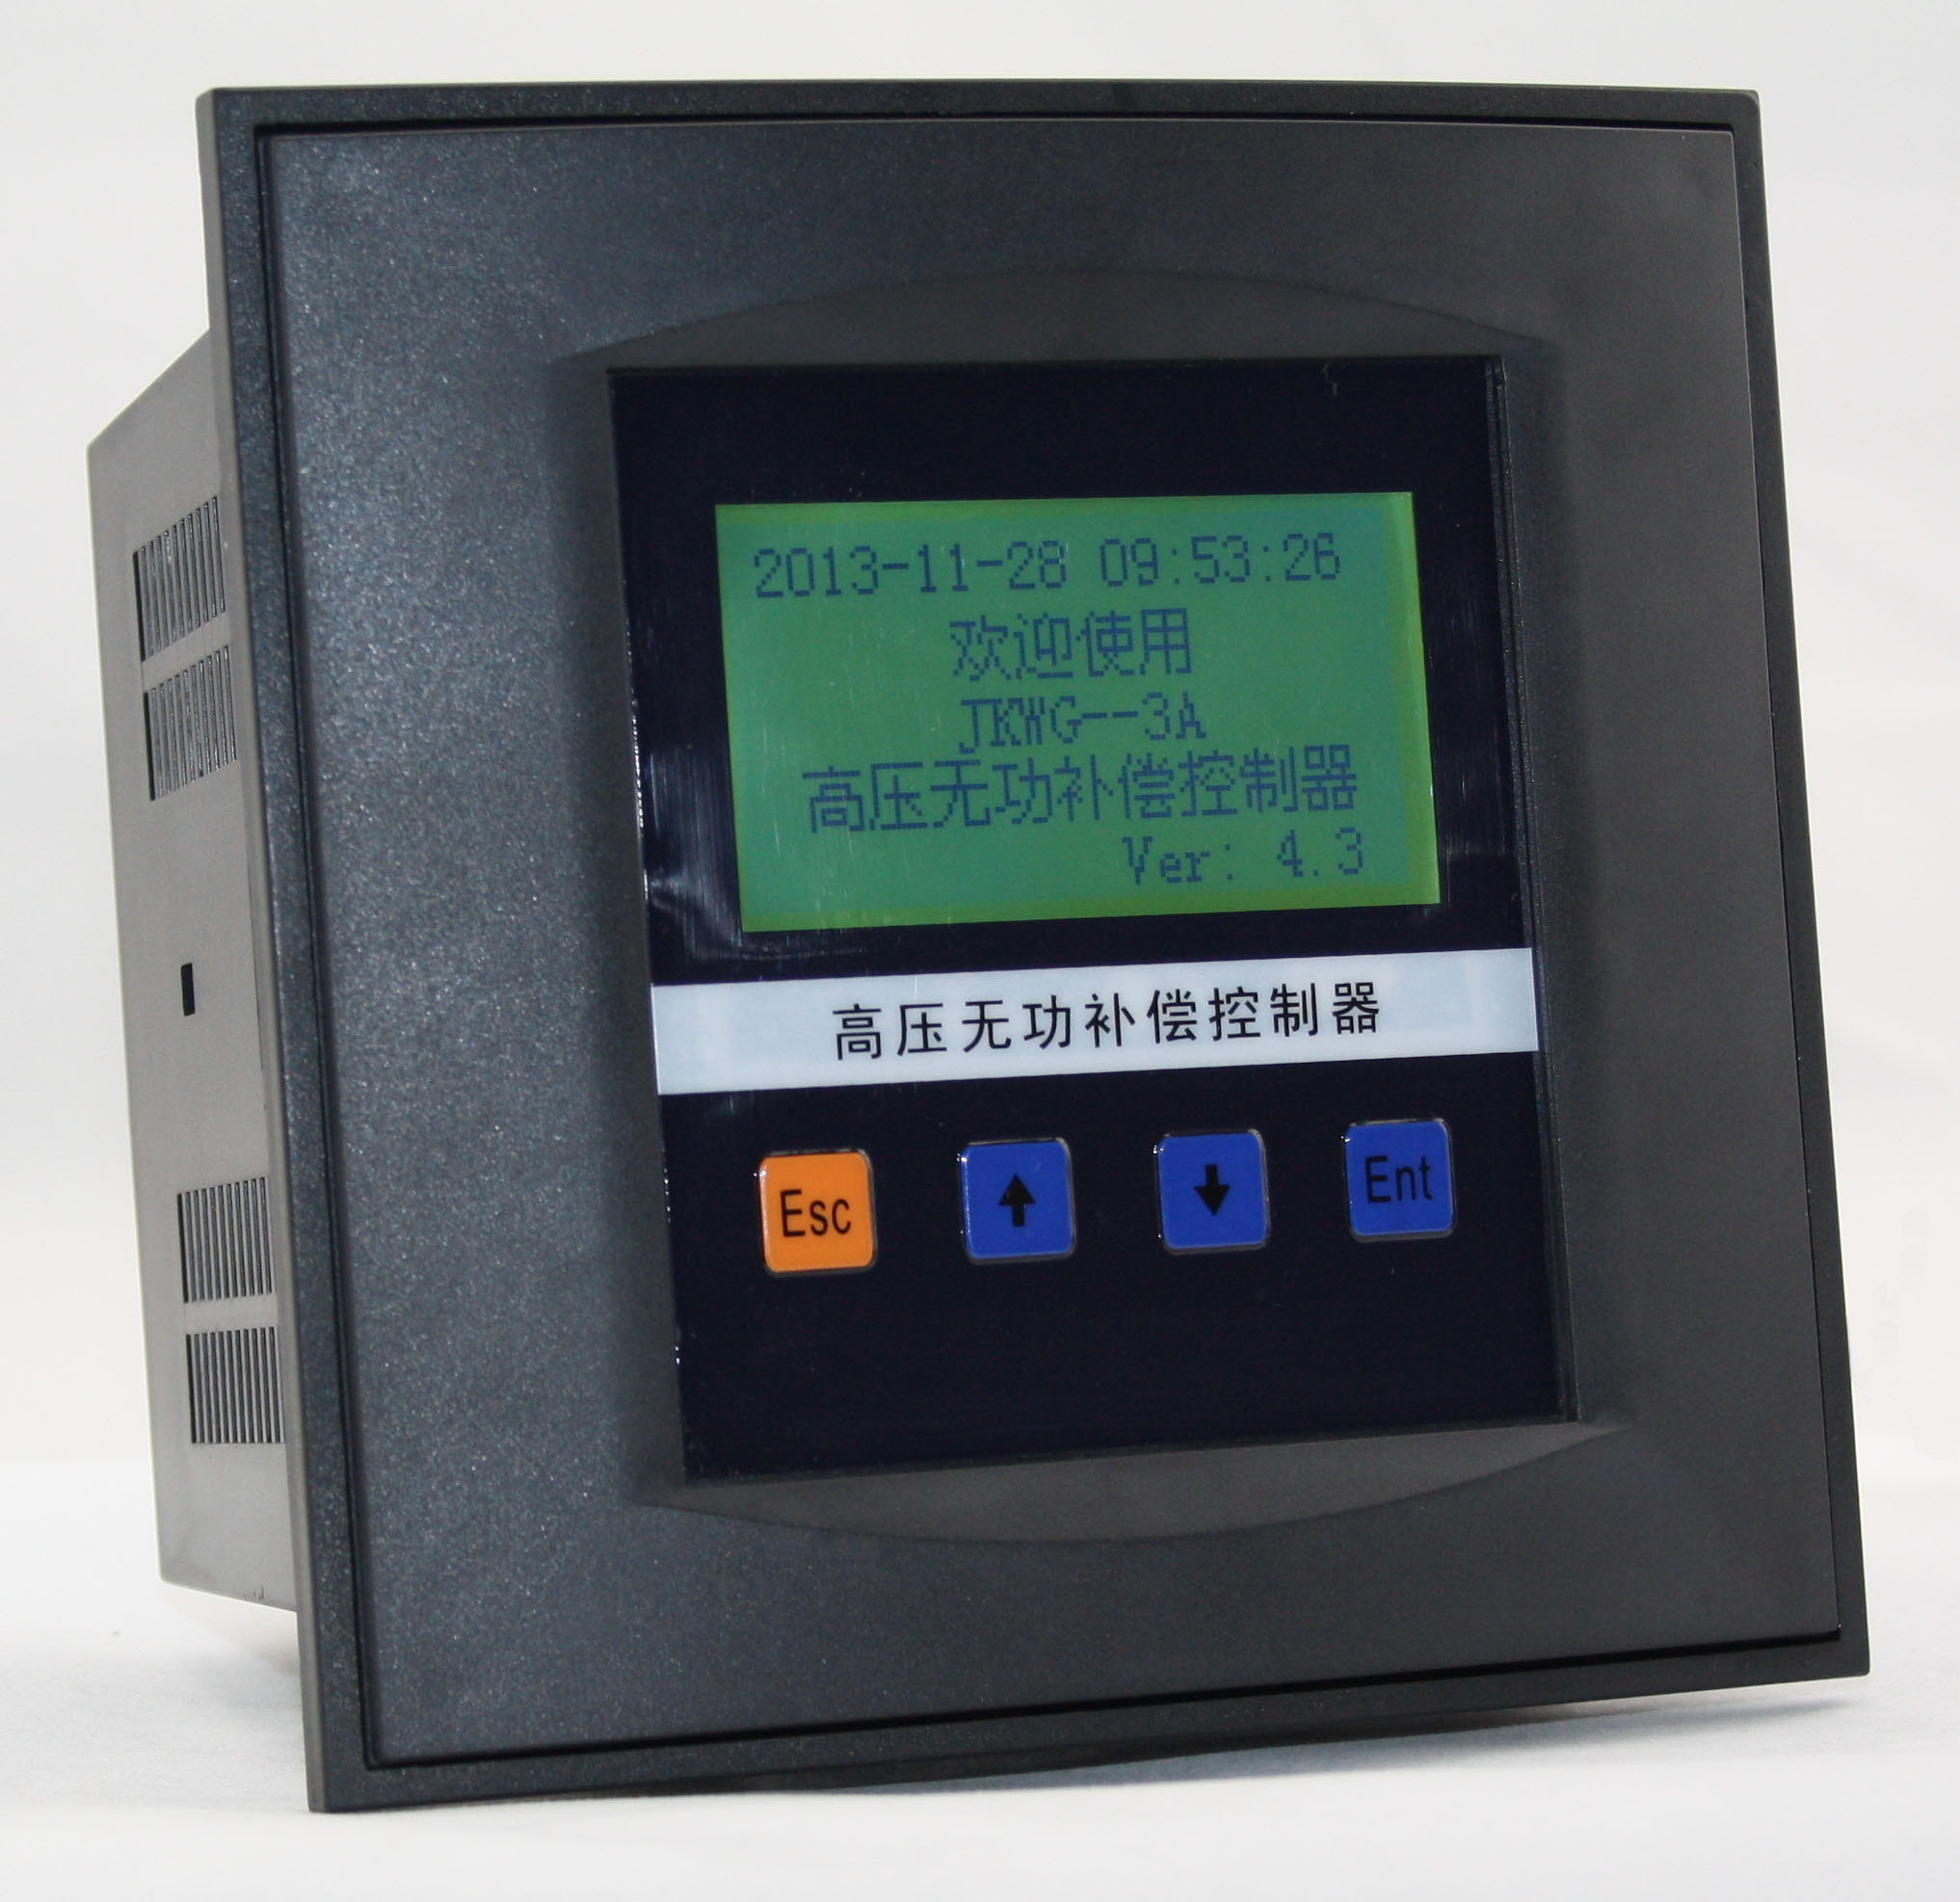 JKW系列低压无功补偿控制器怎么排除故障?